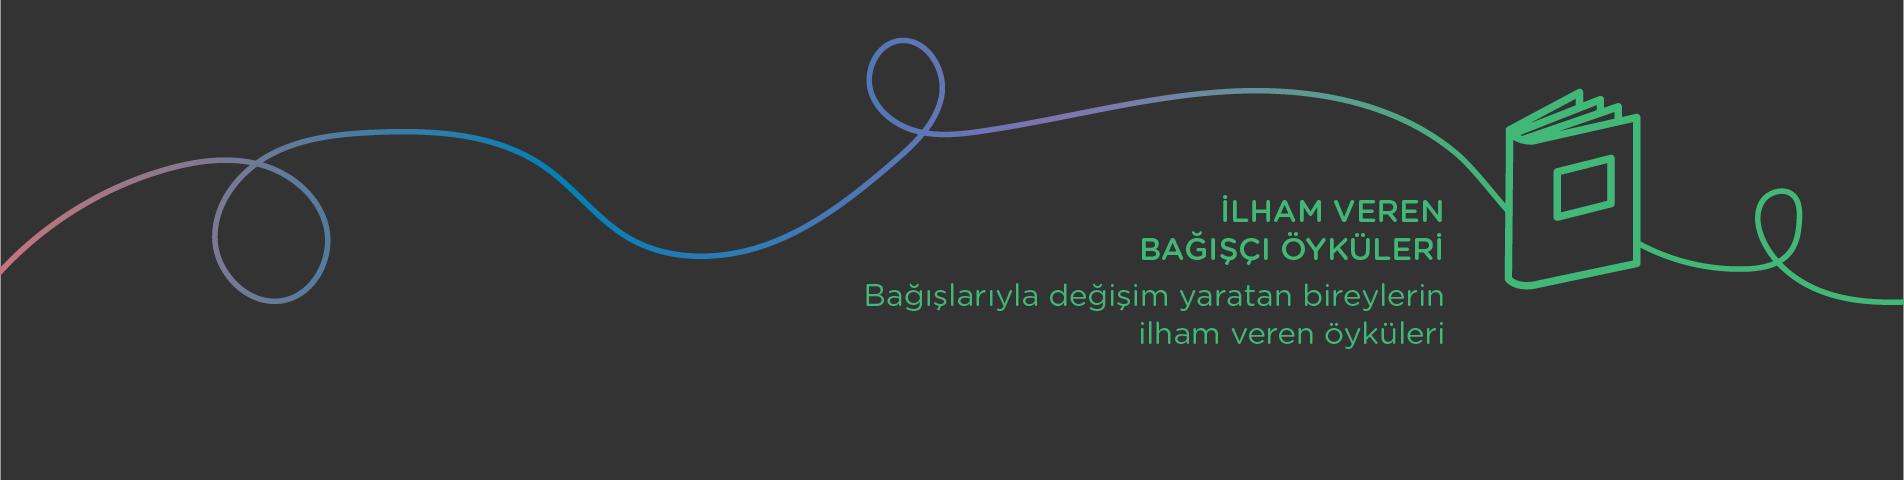 BagisciOykuleriWebSlider.15.02.17